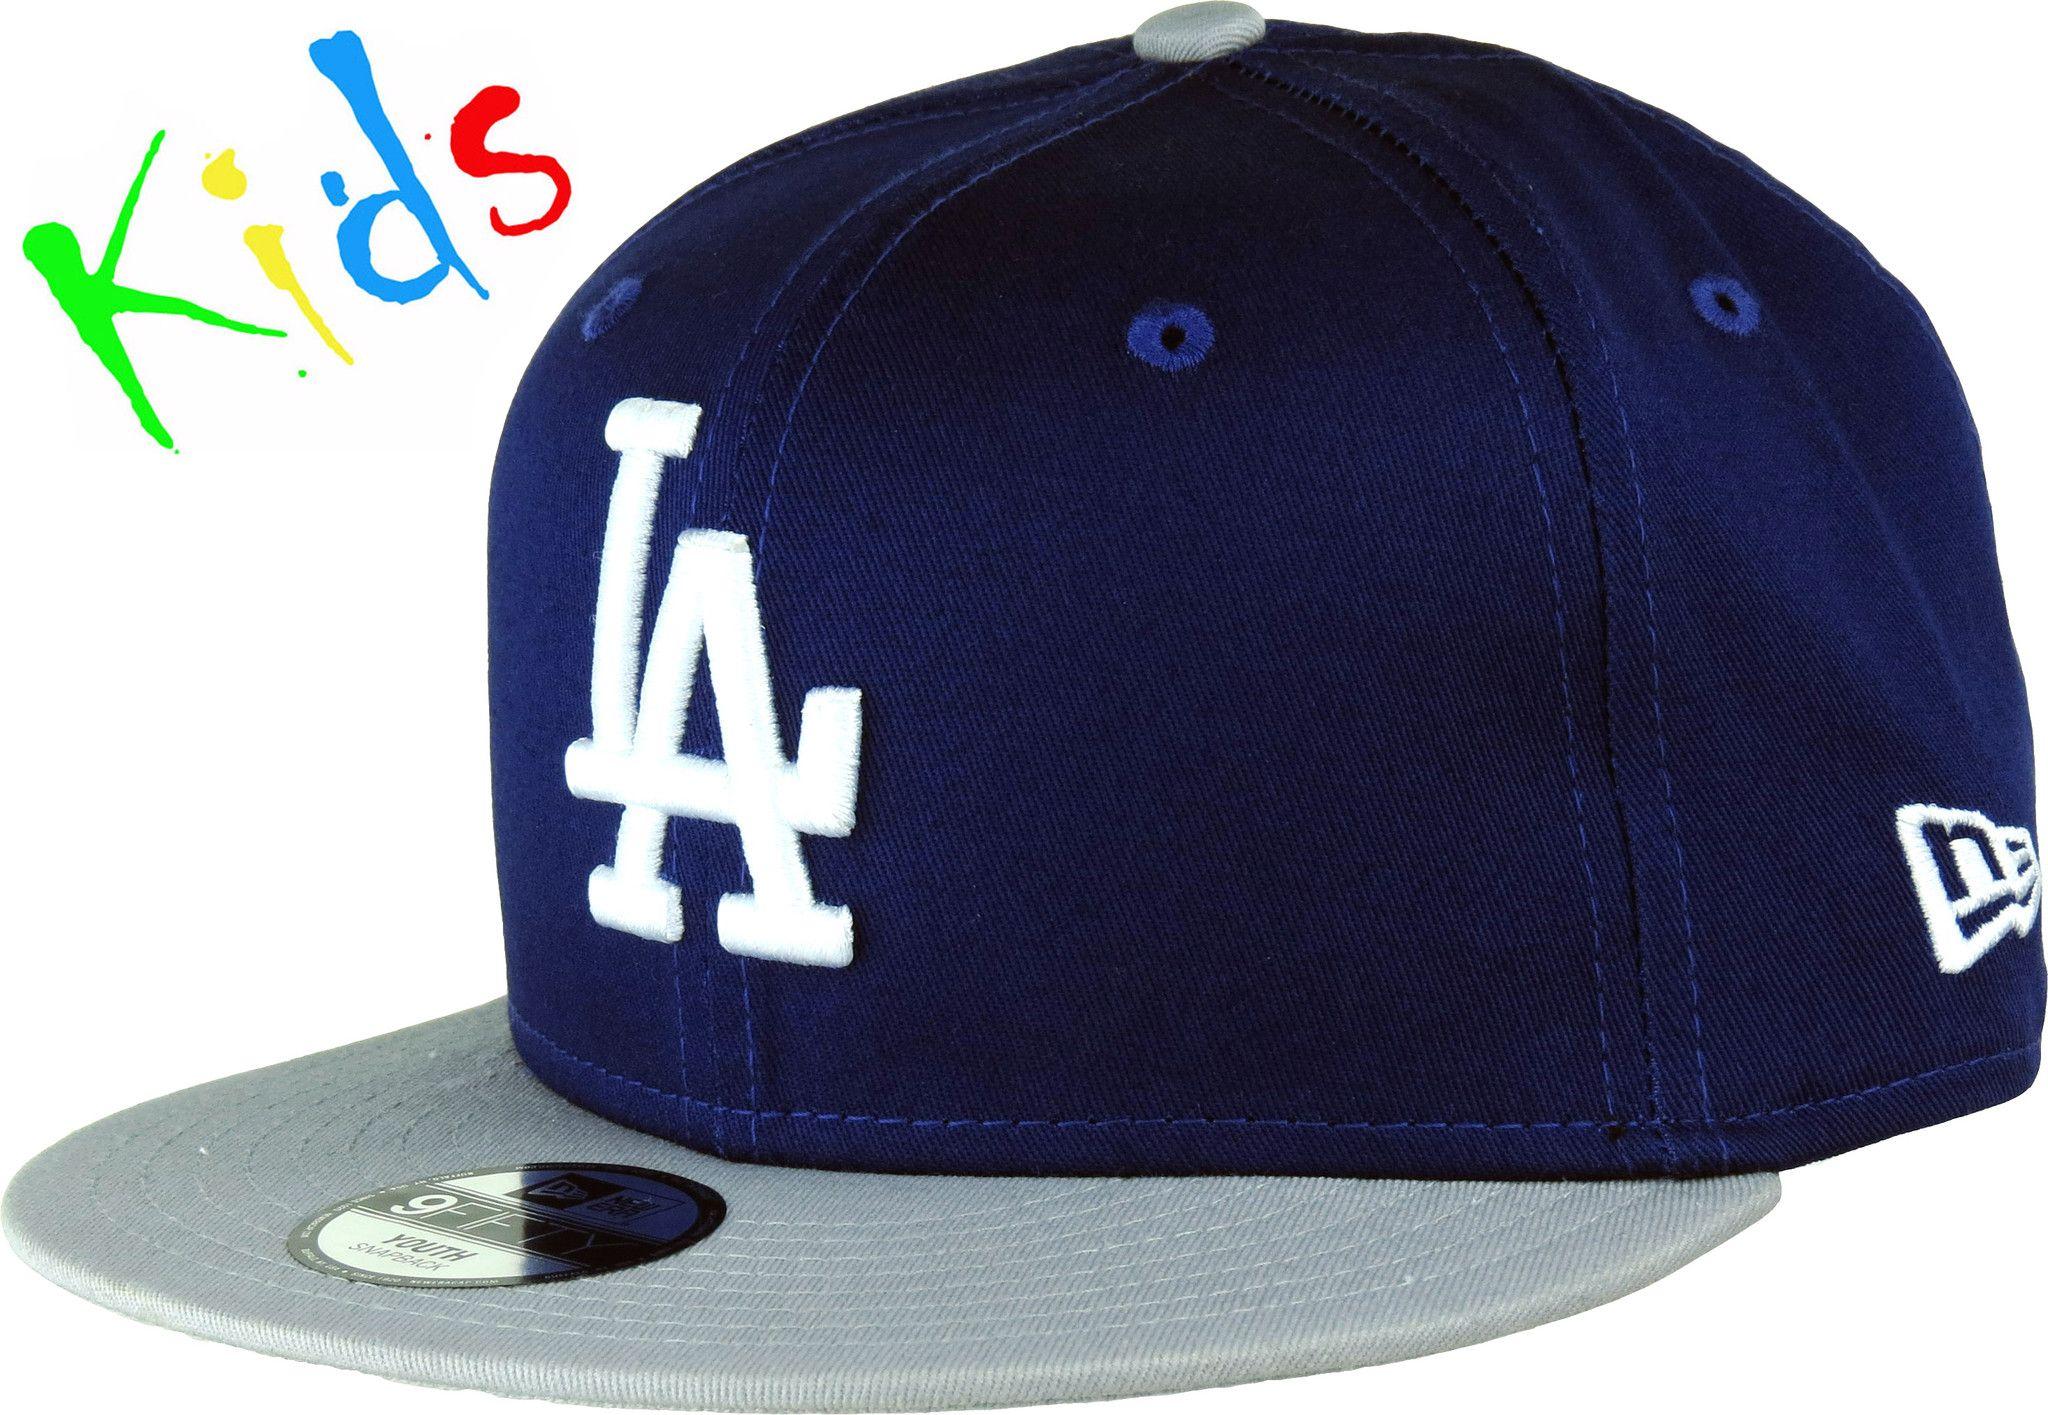 083e874d471 LA Dodgers New Era 950 Team Classic Kids Snapback Cap (Ages 5 - 10 ...